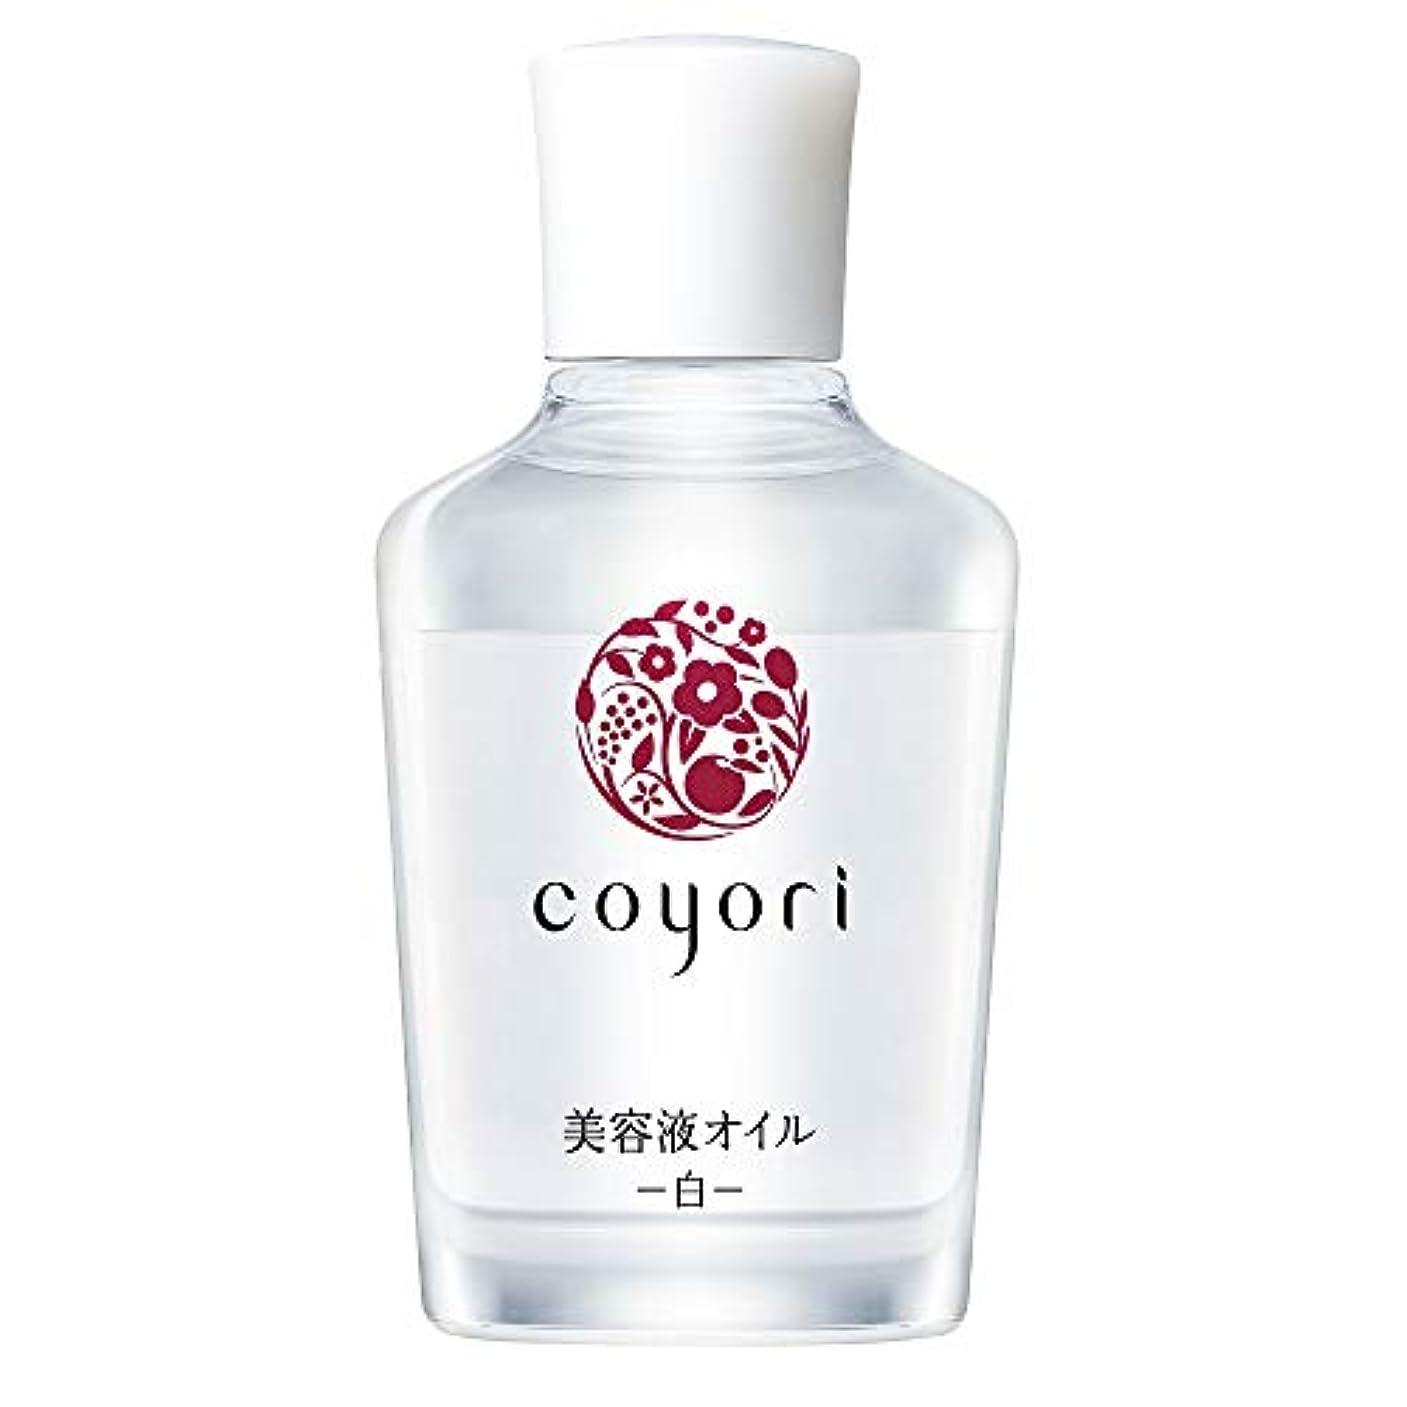 ビタミン血統グリーンランド[公式] コヨリ 美容液オイル-白- 40mL 大容量 無添加[高機能 自然派 エイジングケア 乾燥肌 敏感肌 くすみ 乾燥 小じわ 対策用 もっちり ハリ ツヤ フェイスオイル ]